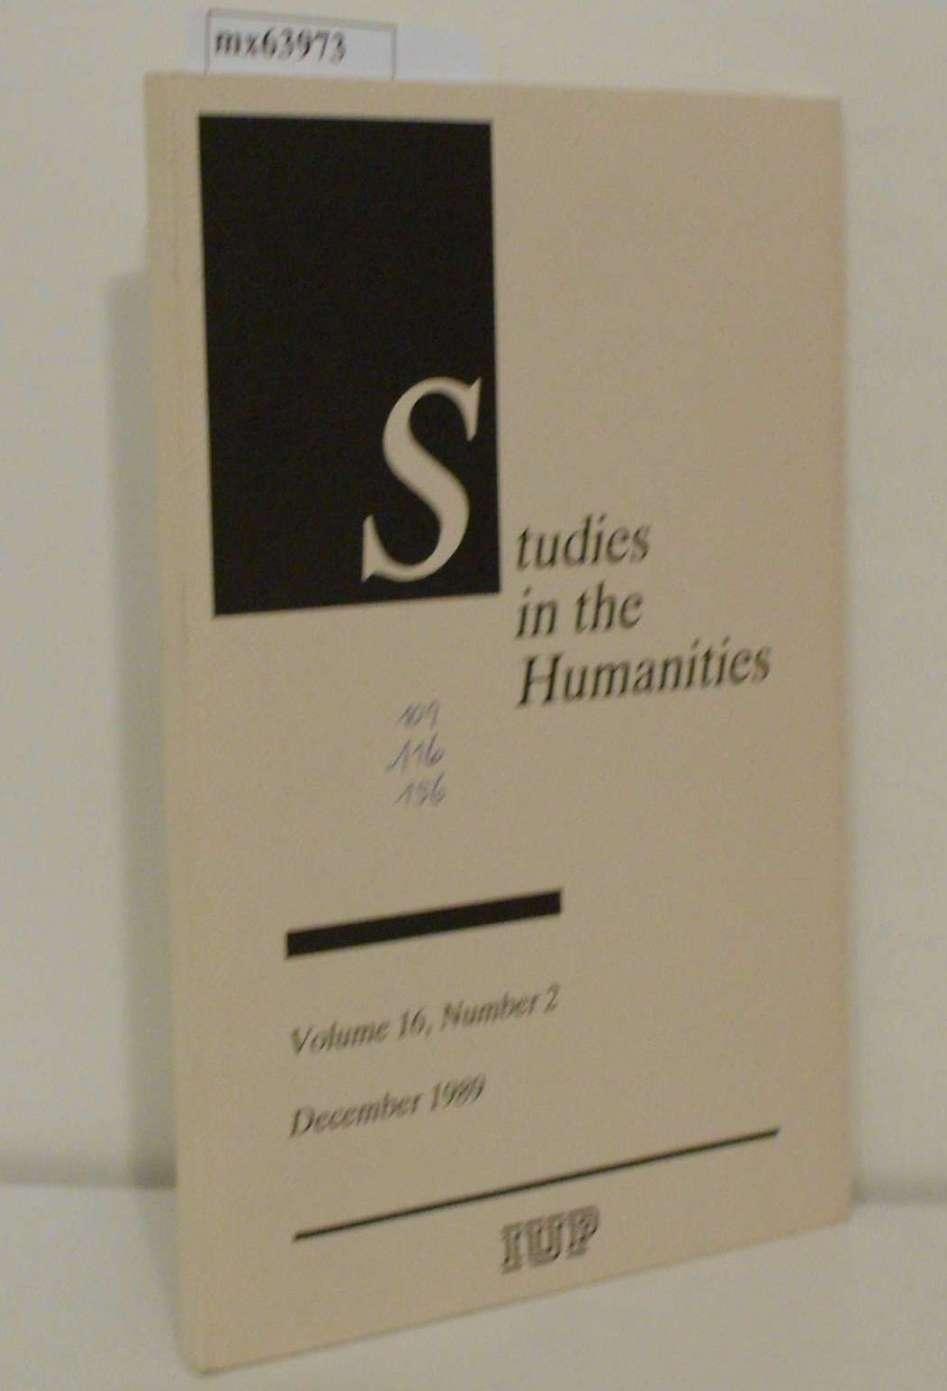 Studies in the Humanities Vol. 16, No. 2, December 1989